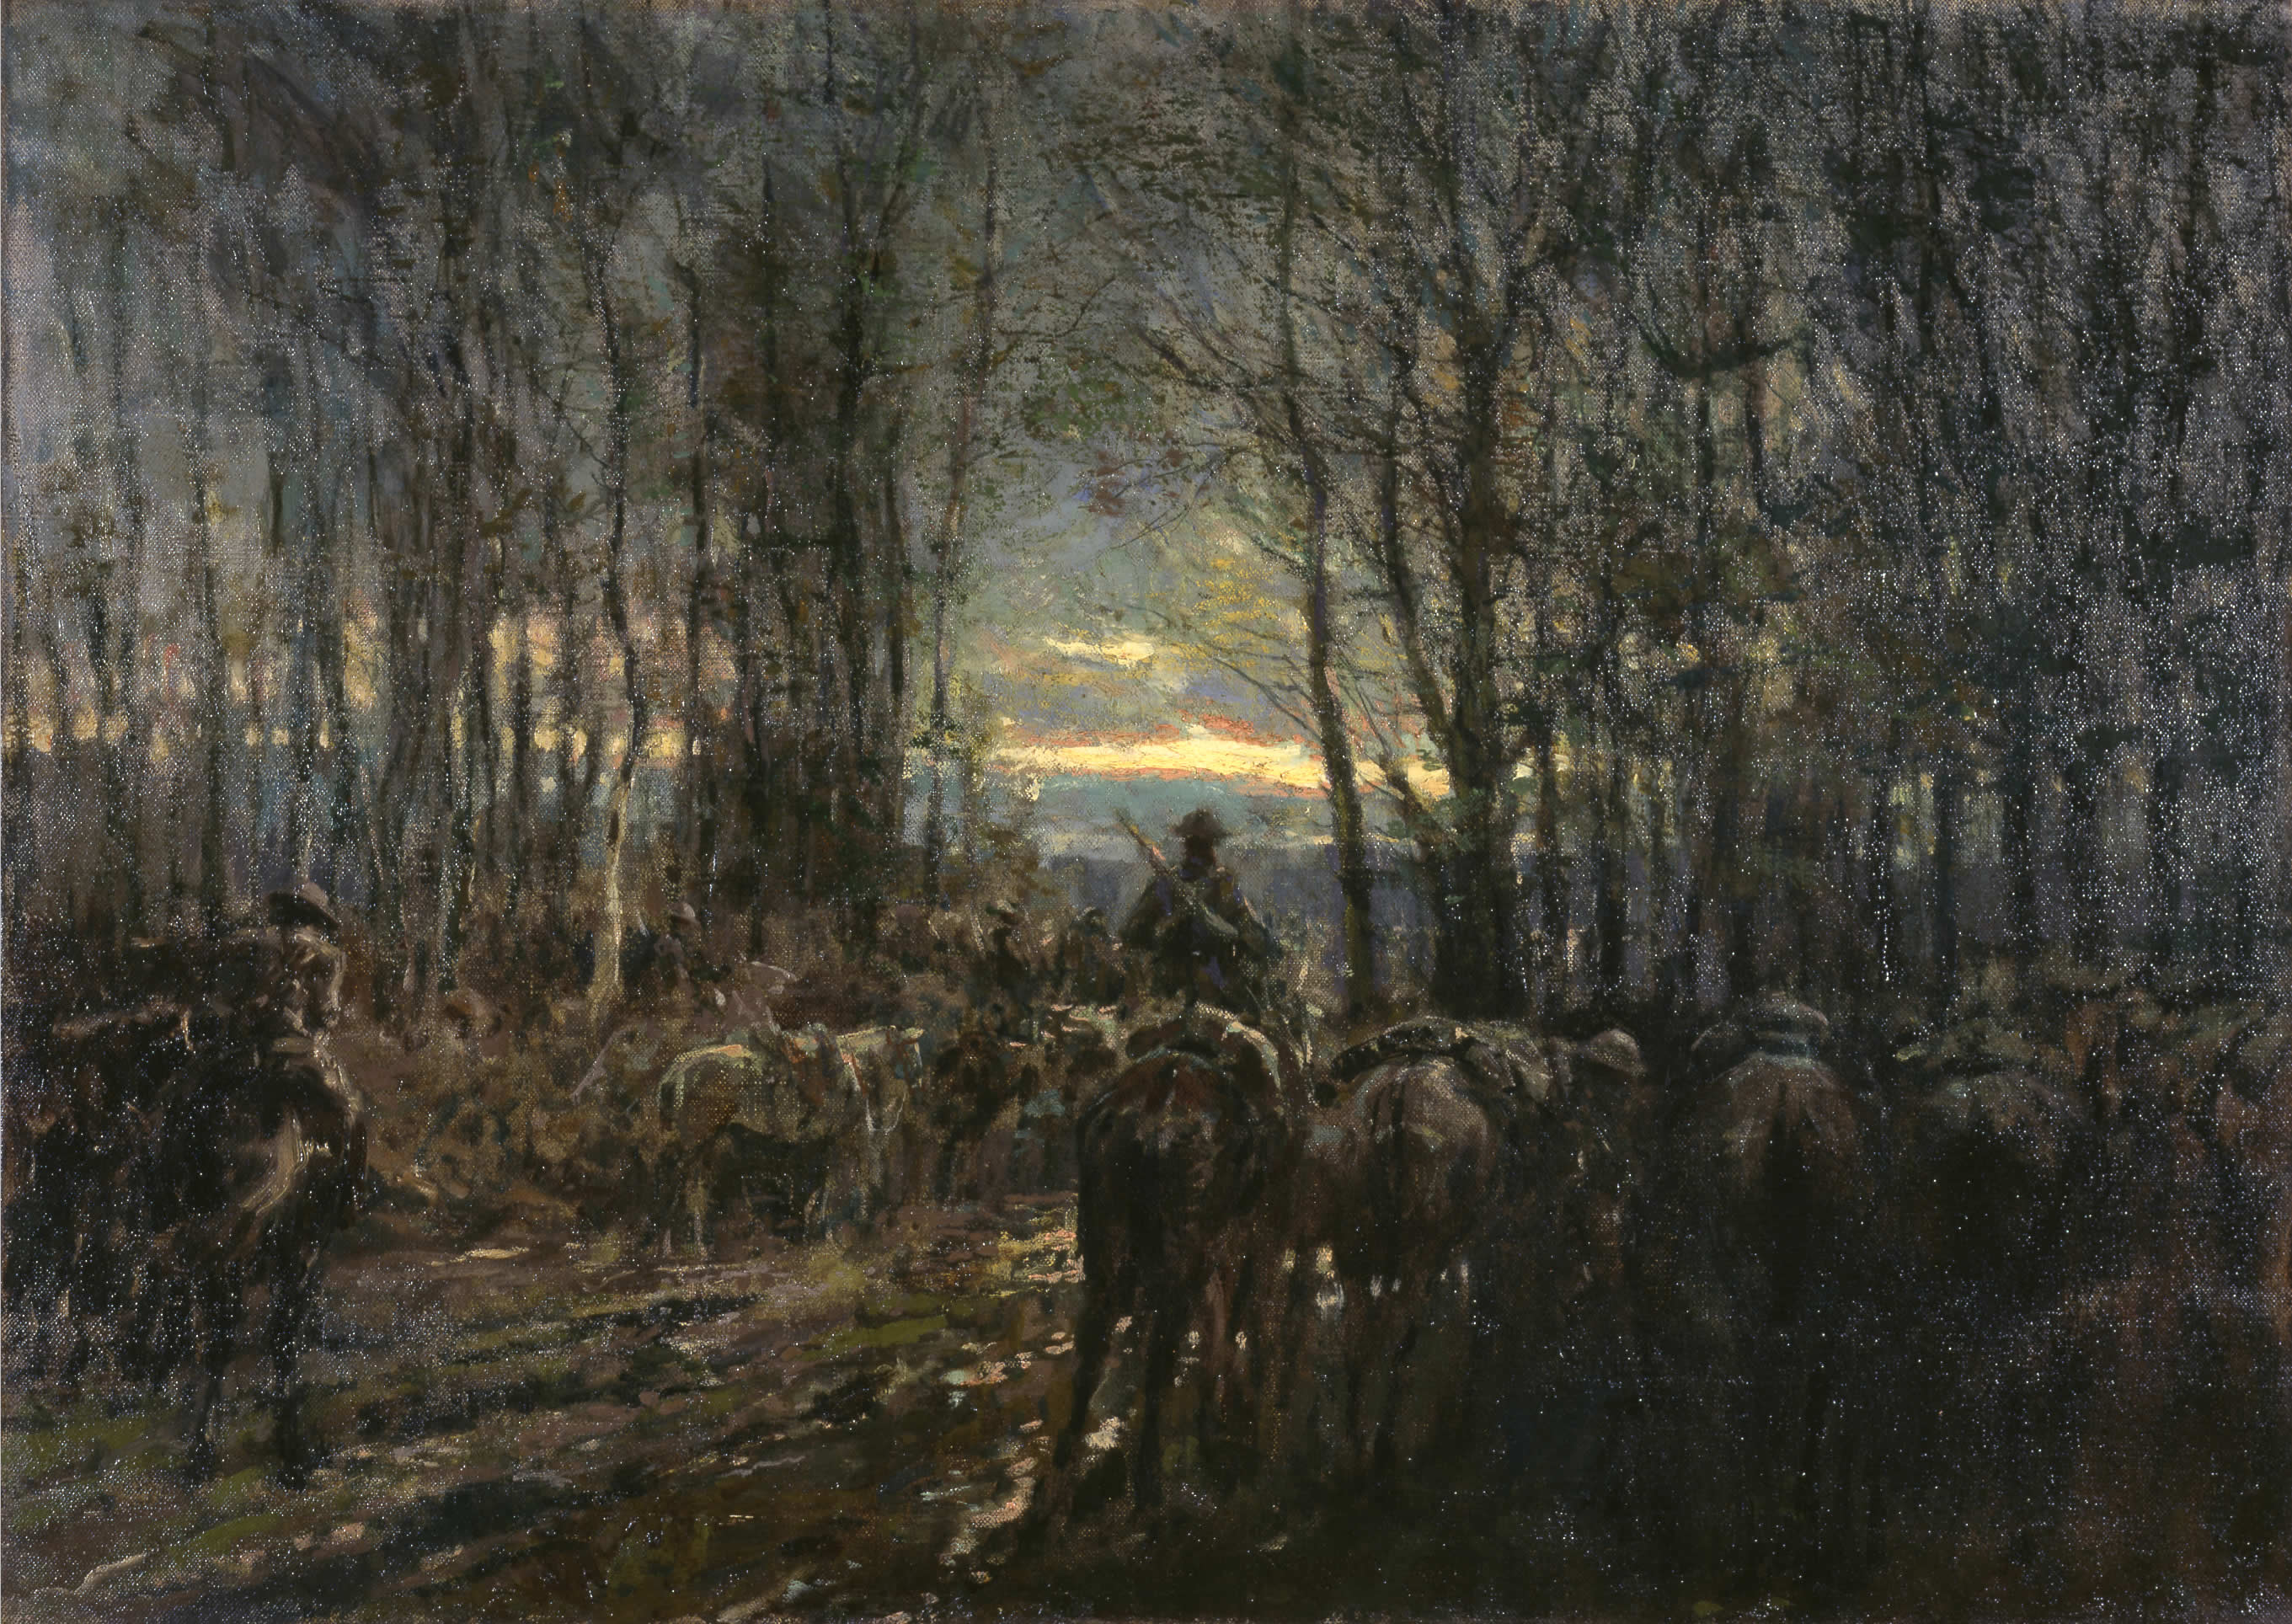 <i>La cavalerie canadienne prête au combat dans un bois</i>